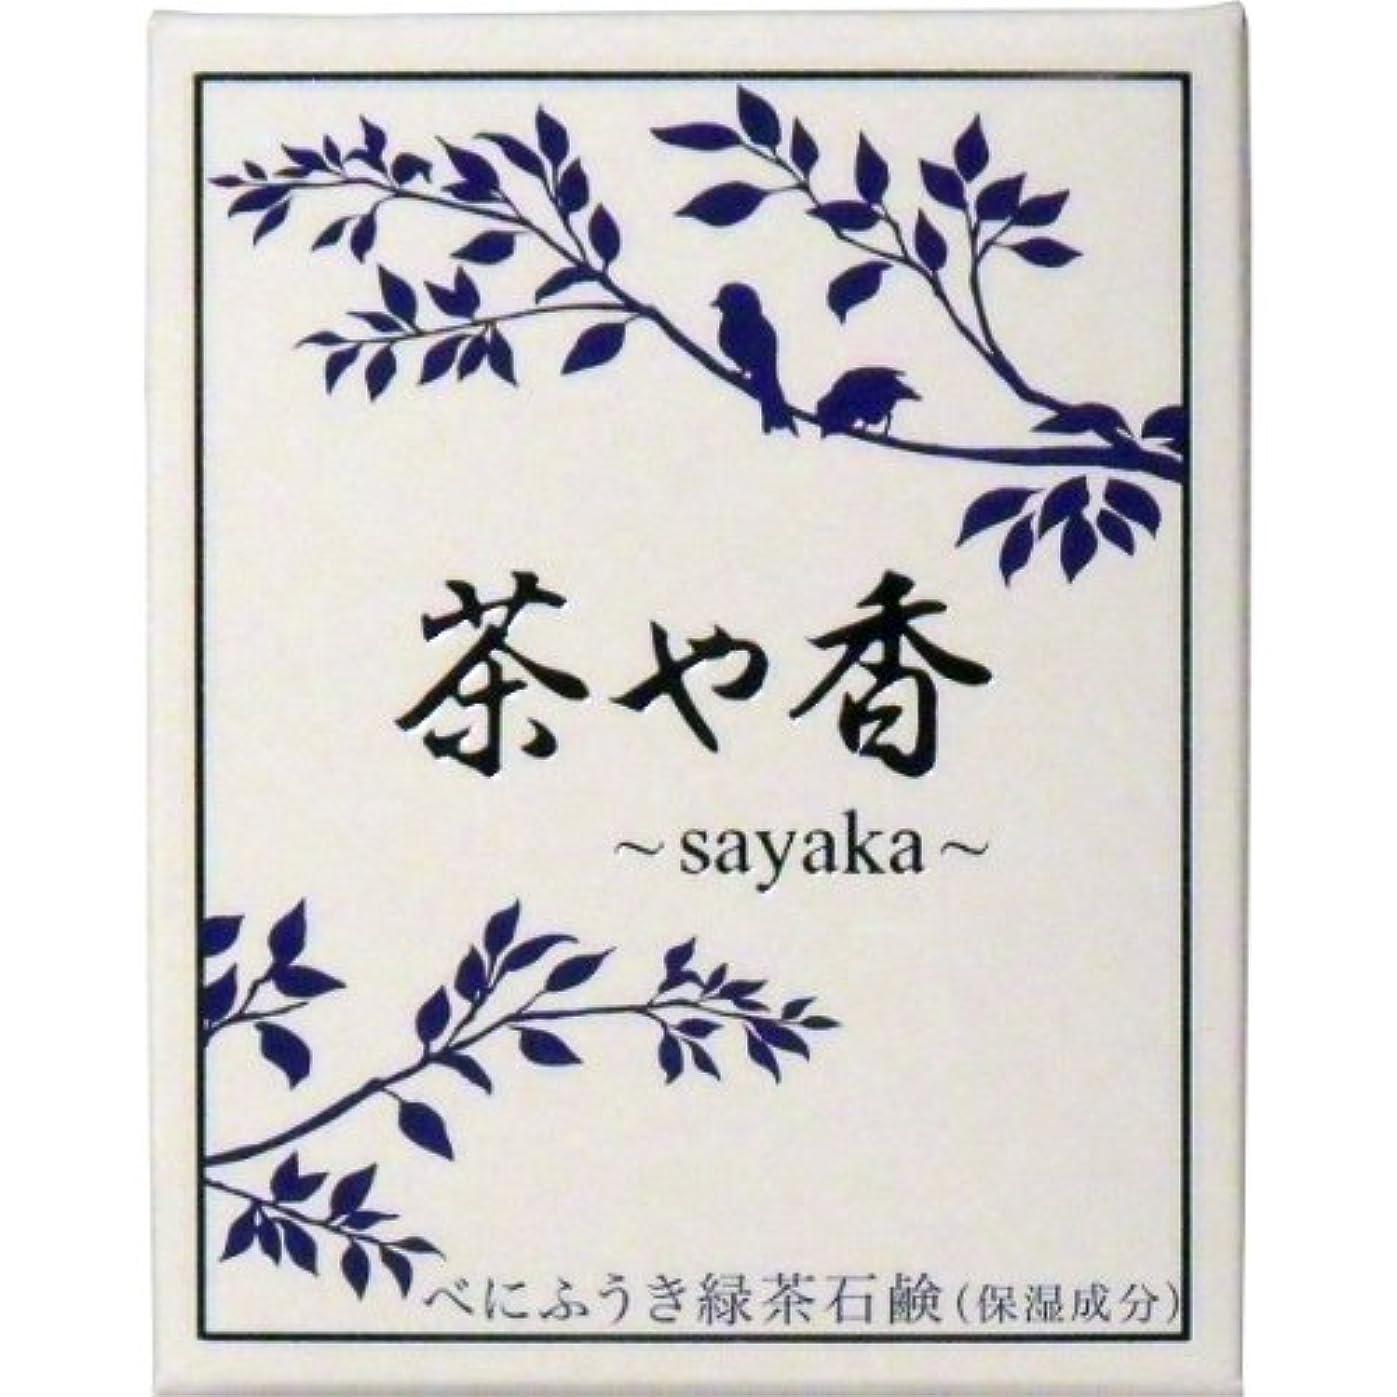 郡有能な平和的茶や香 -sayaka- べにふうき緑茶石鹸 100g入 ×10個セット